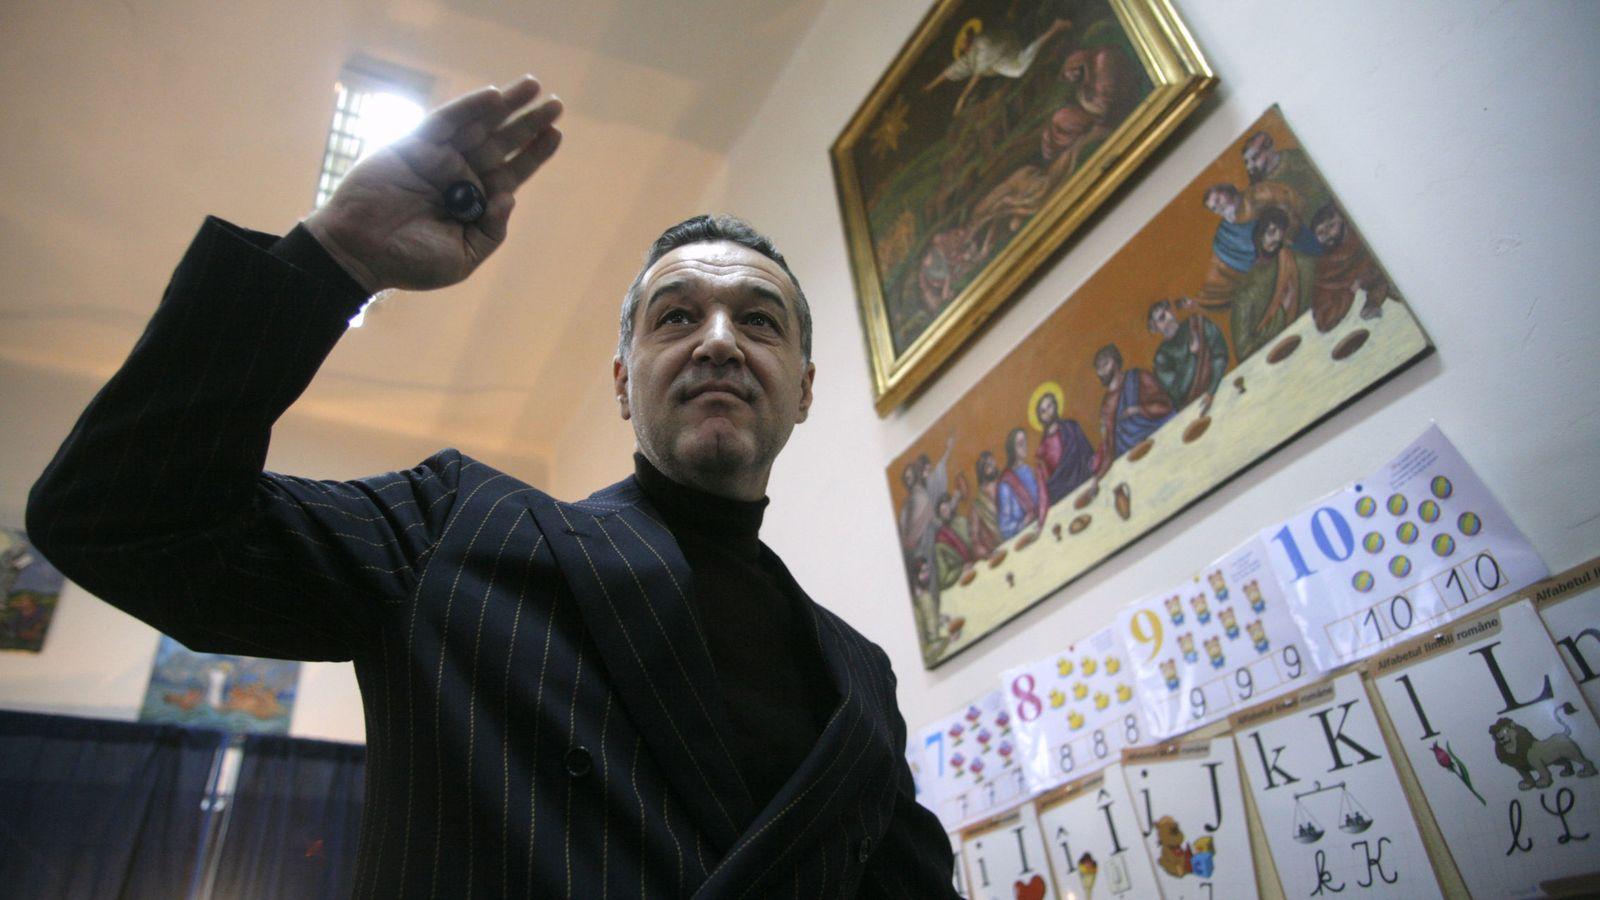 Foto: El oligarca Gigi Becali gesticula tras depositar su voto en un colegio electoral de Bucarest, en noviembre de 2009. (Reuters)